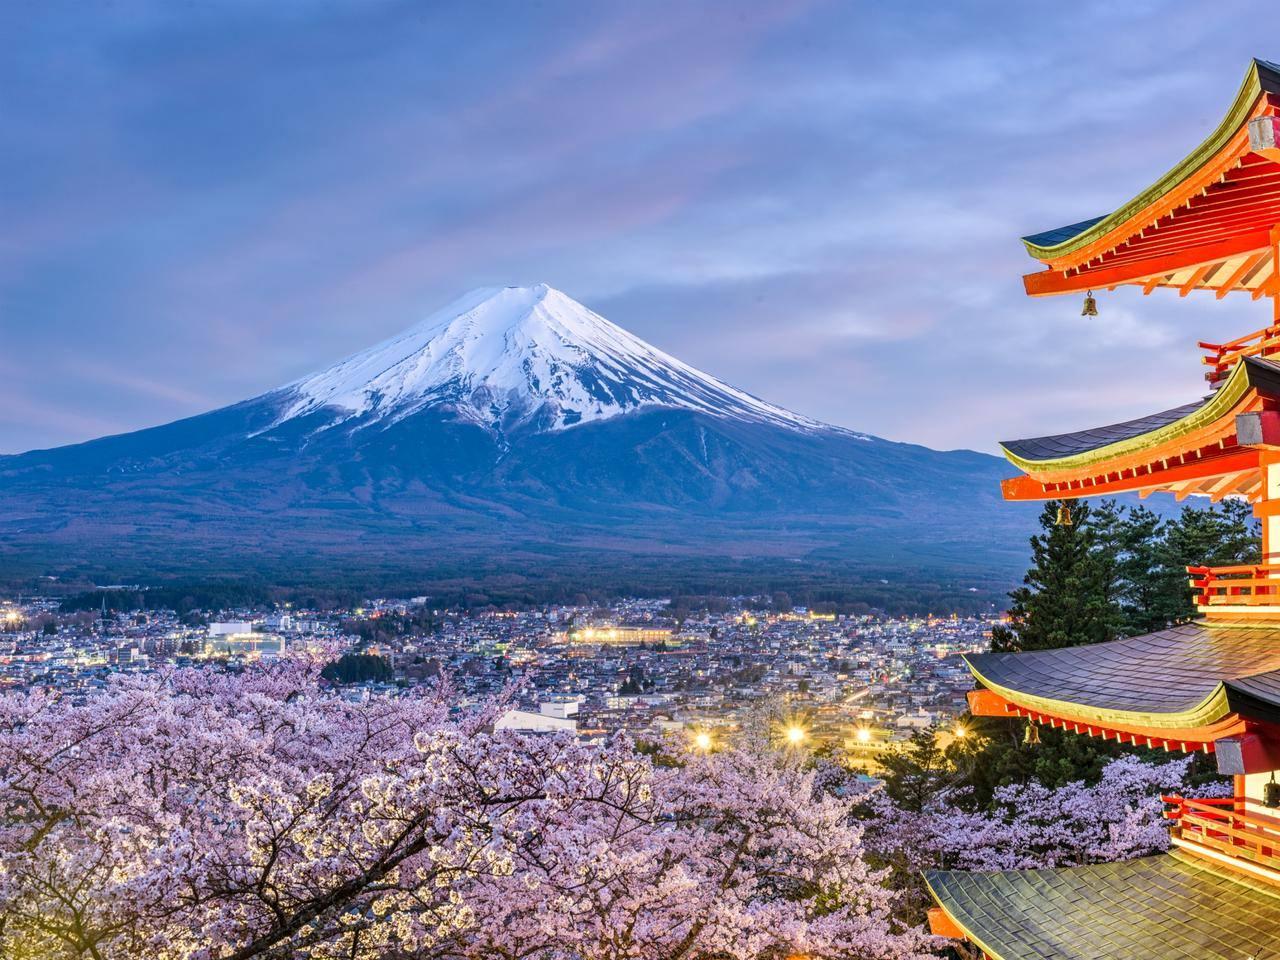 بهترین جاهای دیدنی ژاپن